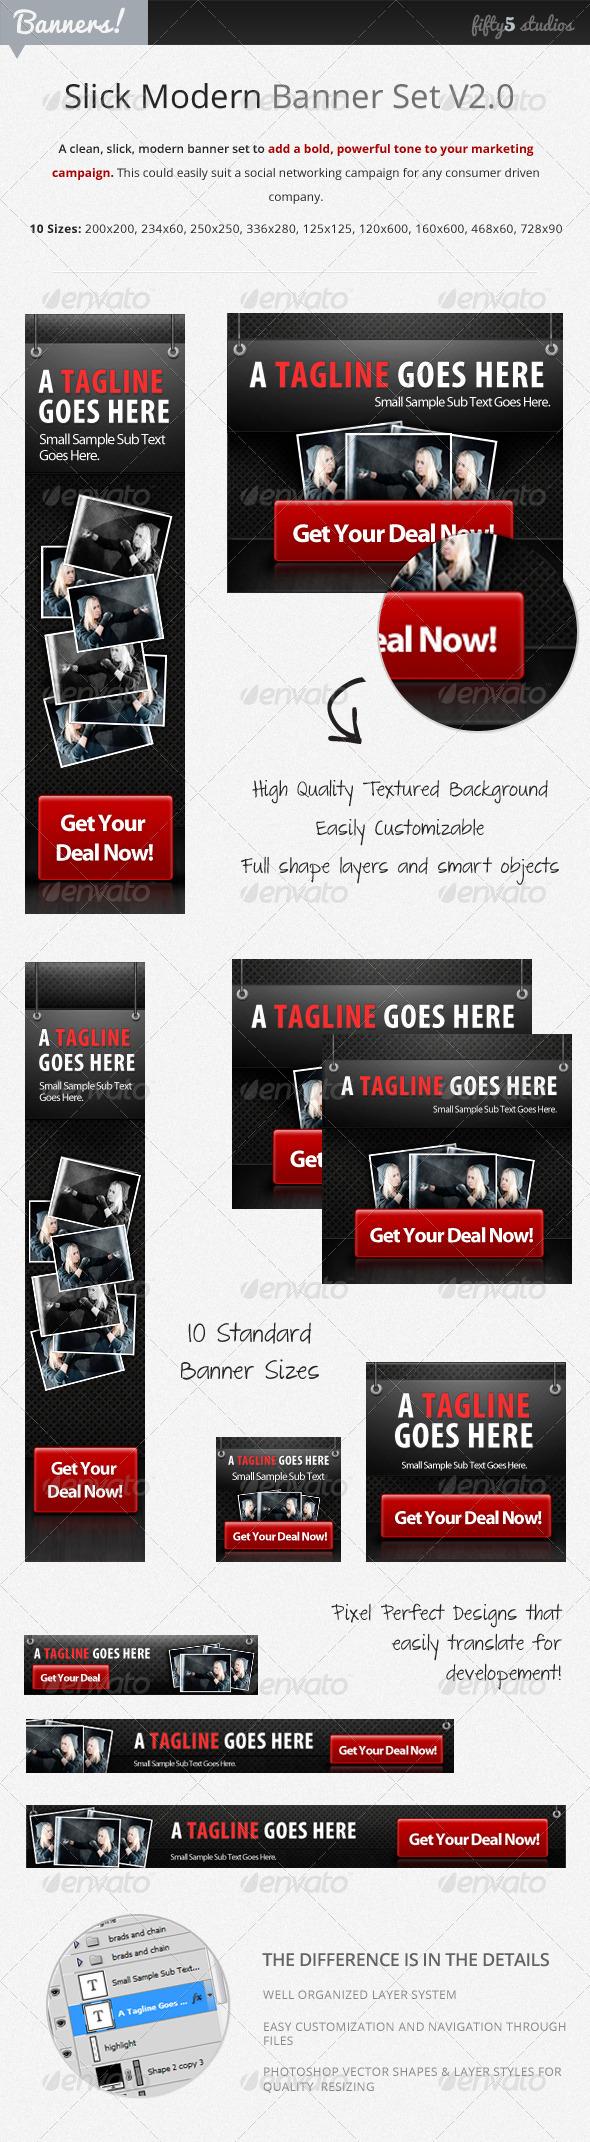 GraphicRiver Slick Modern Banner Set v2.0 2736771